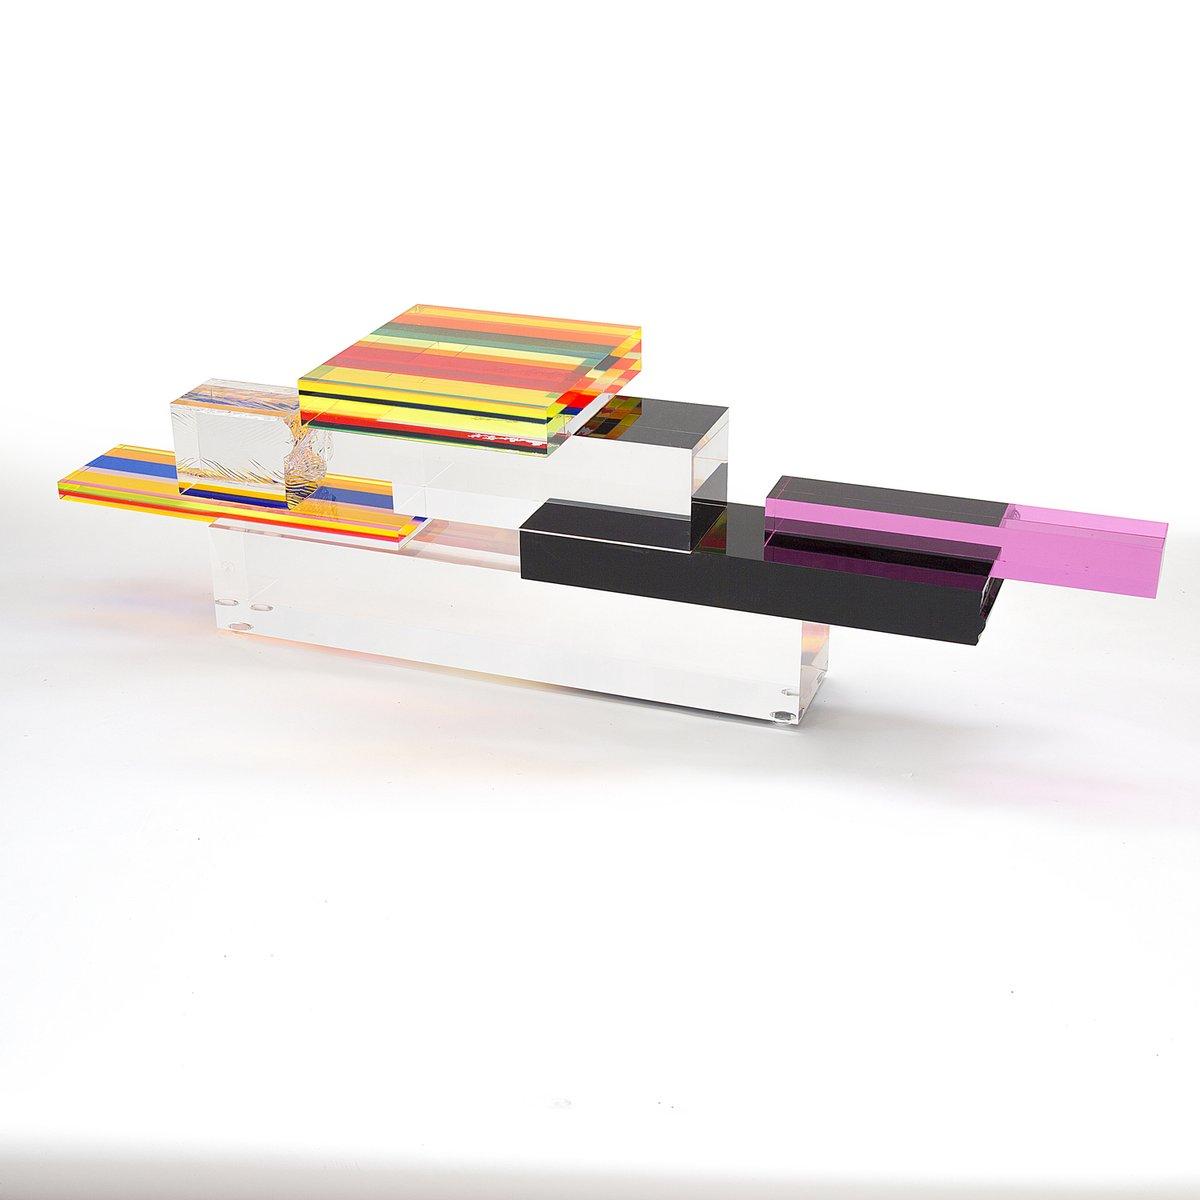 Tourmaline plexiglas couchtisch von studio superego bei for Plexiglas couchtisch